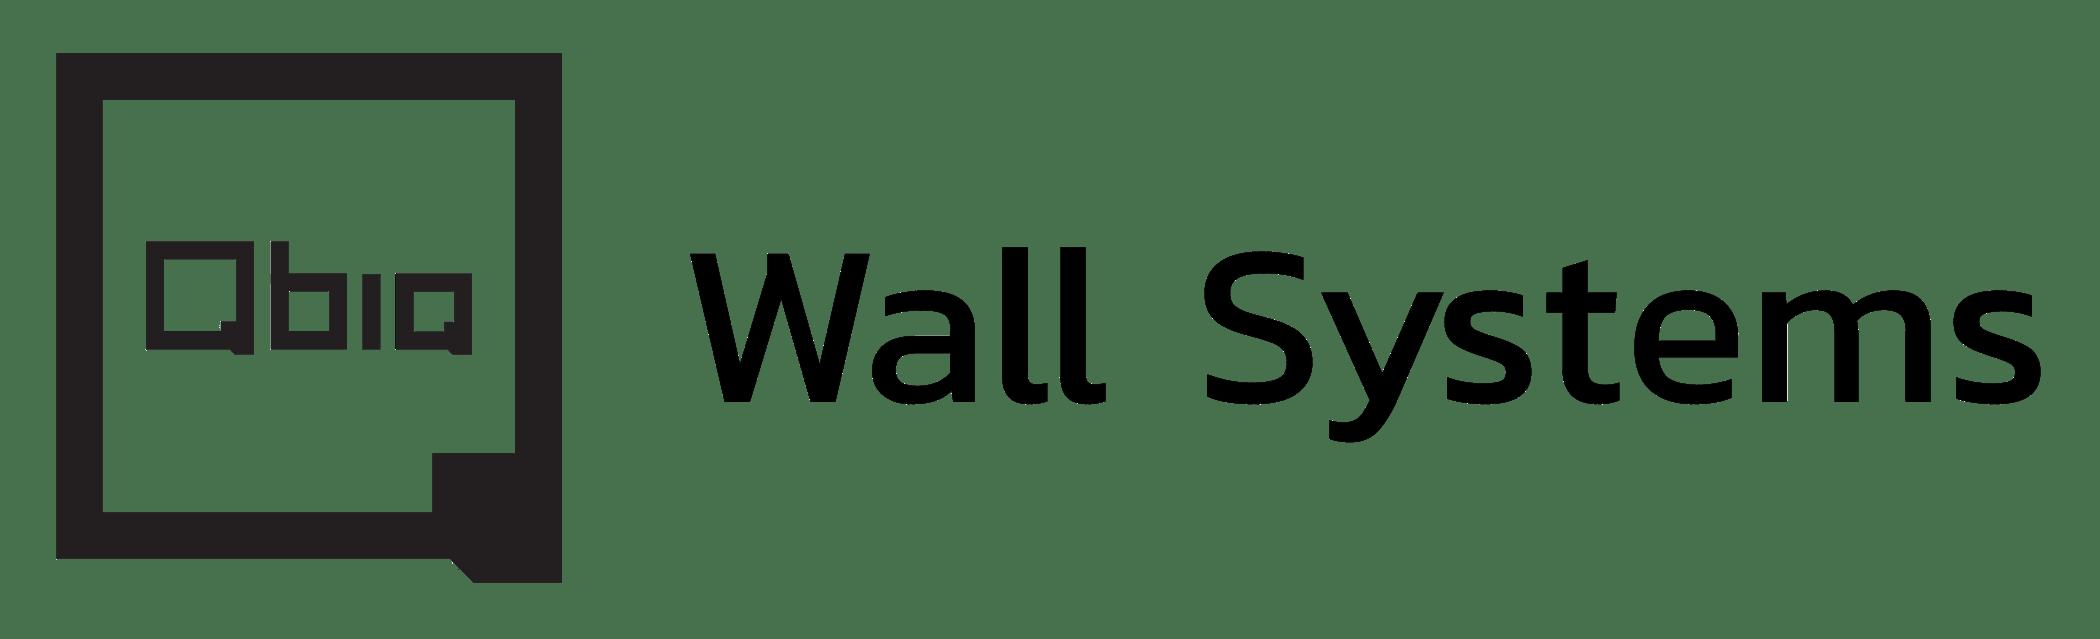 QbiQ_WallSystems_logo_horiz_hires.png